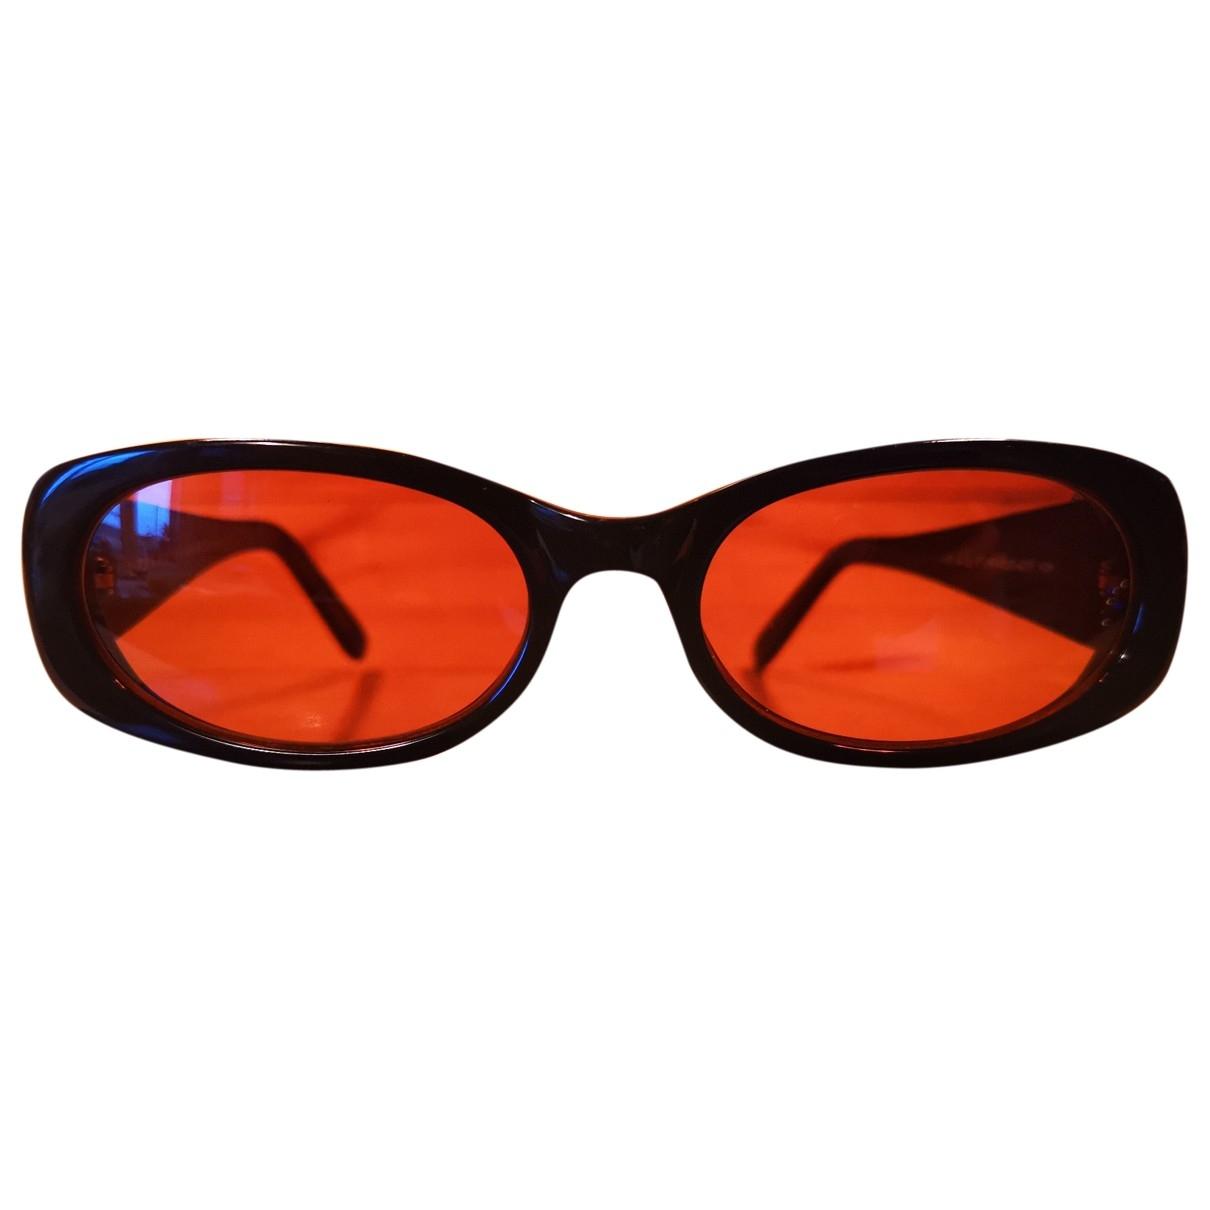 Ralph Lauren - Lunettes   pour femme - marron